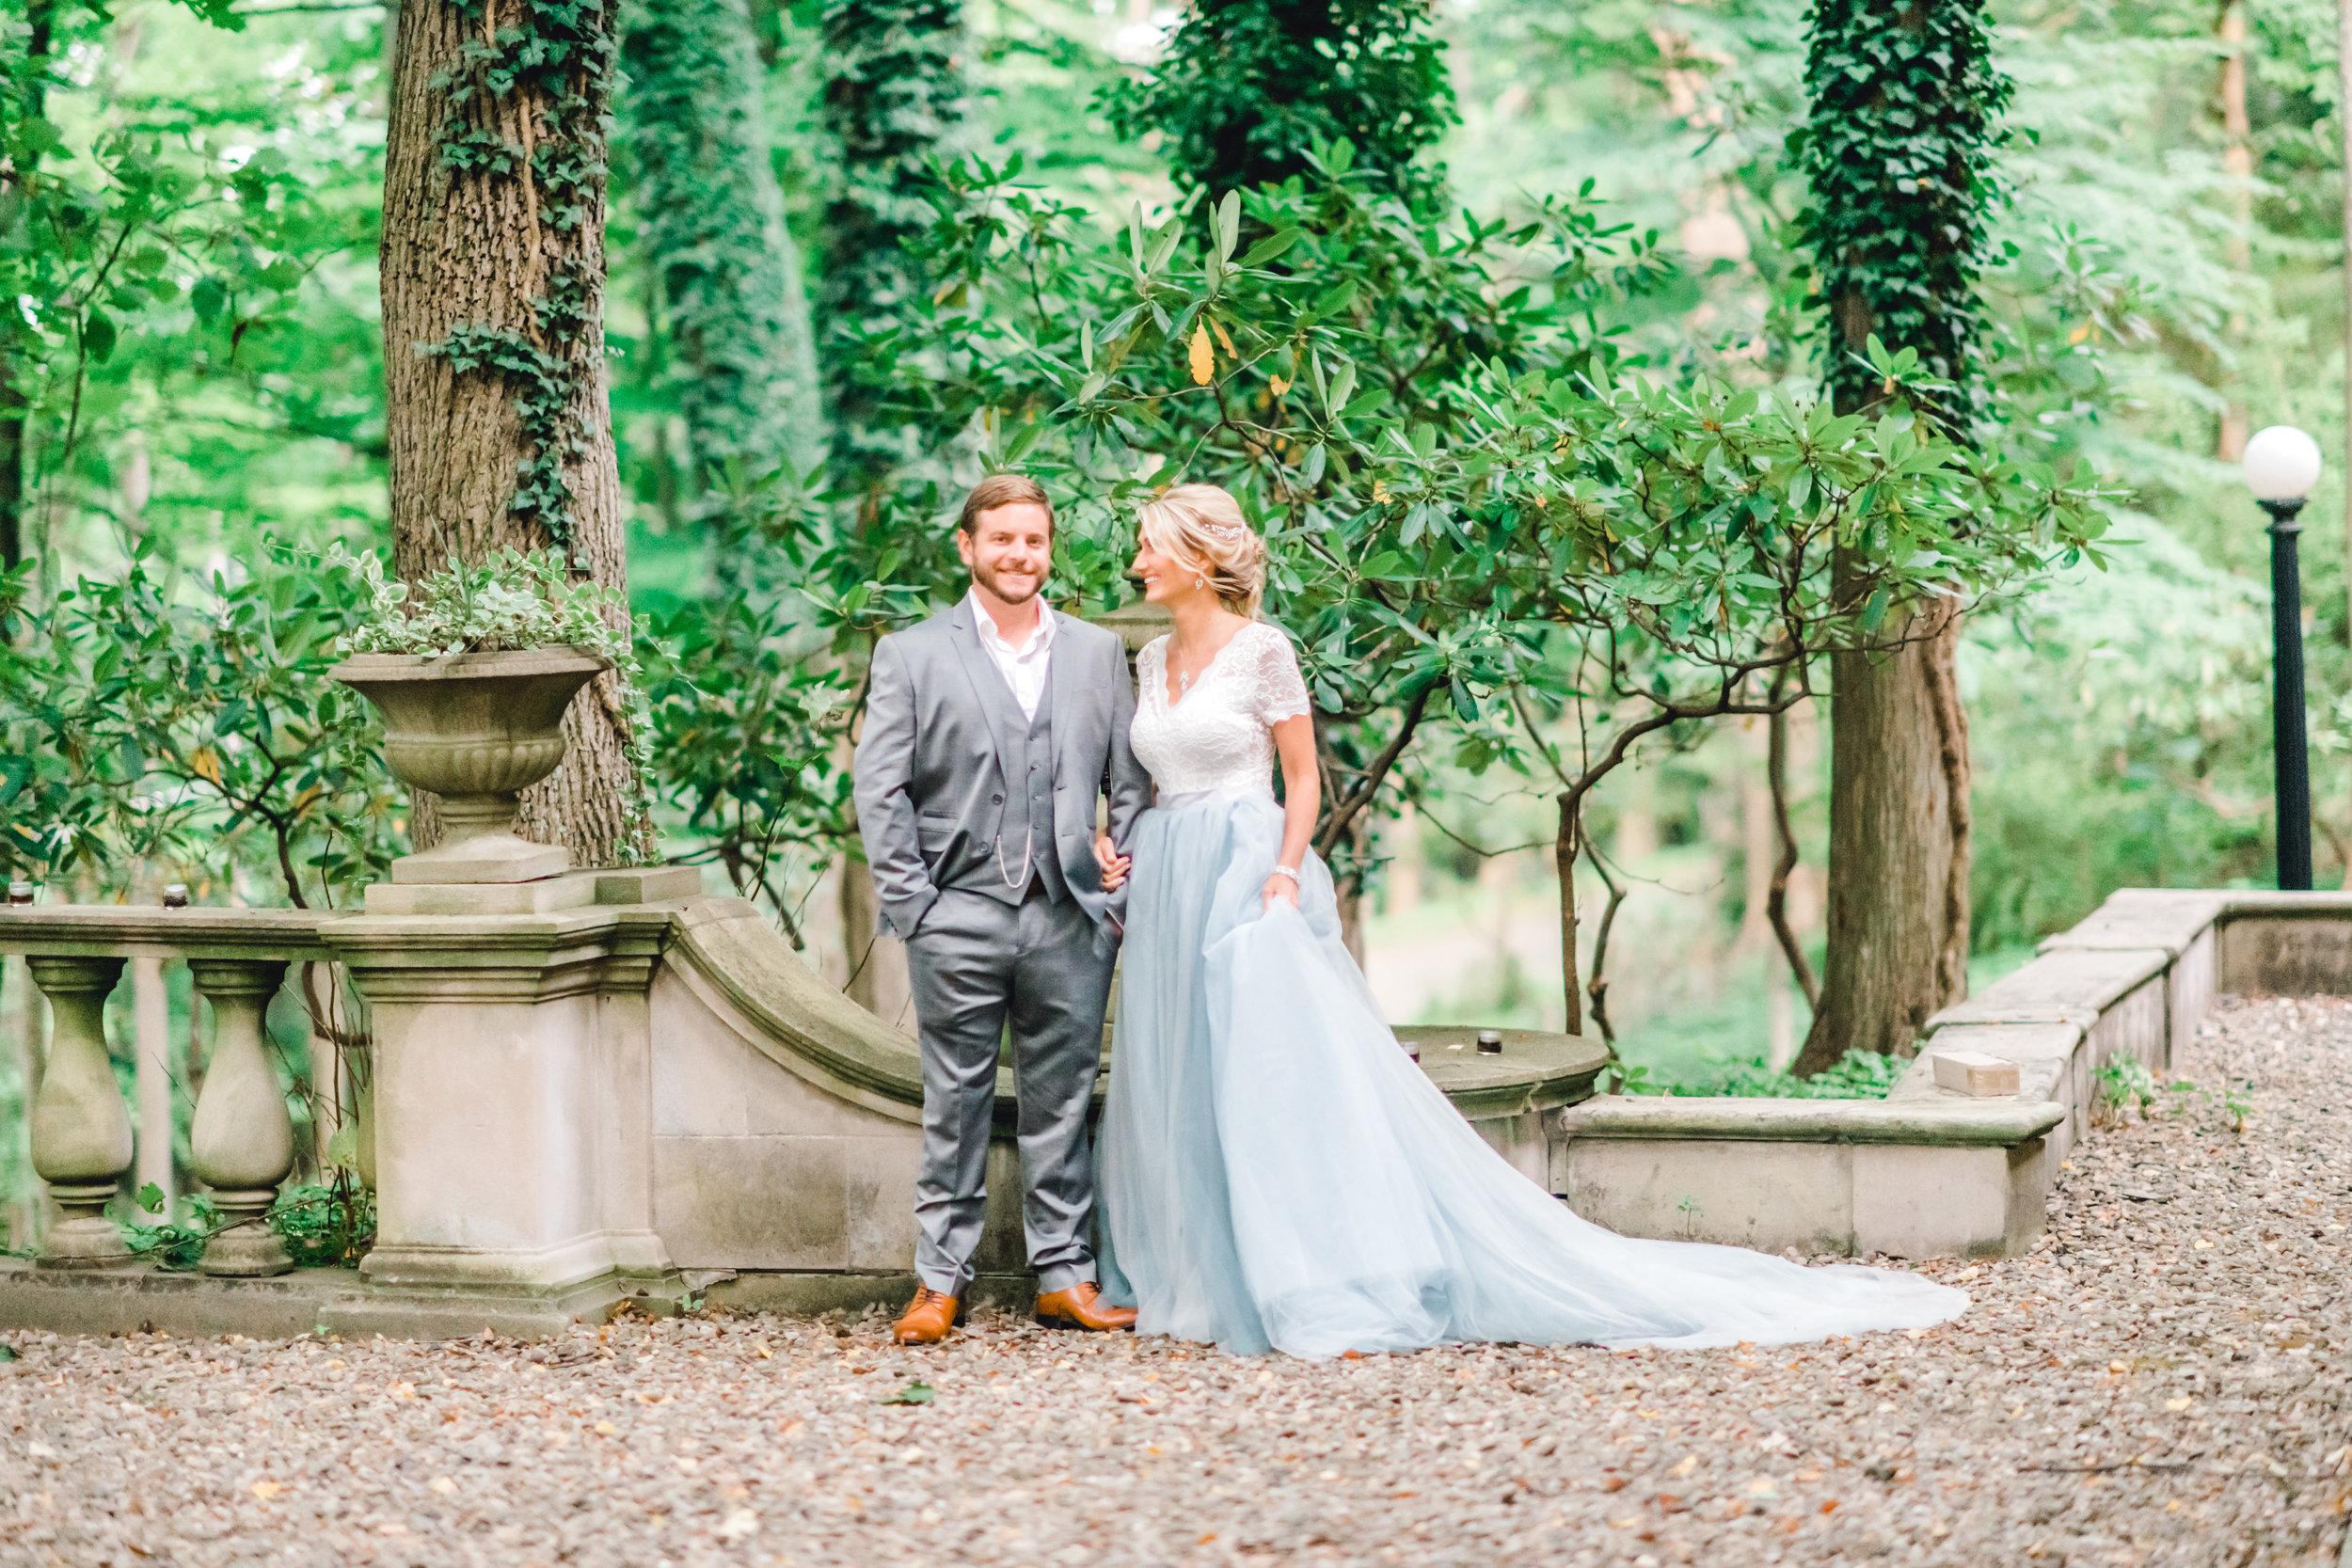 Jessica-Garda-Events-Pittsburgh-Wedding-Planner-Mansion-Butler-Blue-Grey-Orange-Palette (39).jpg